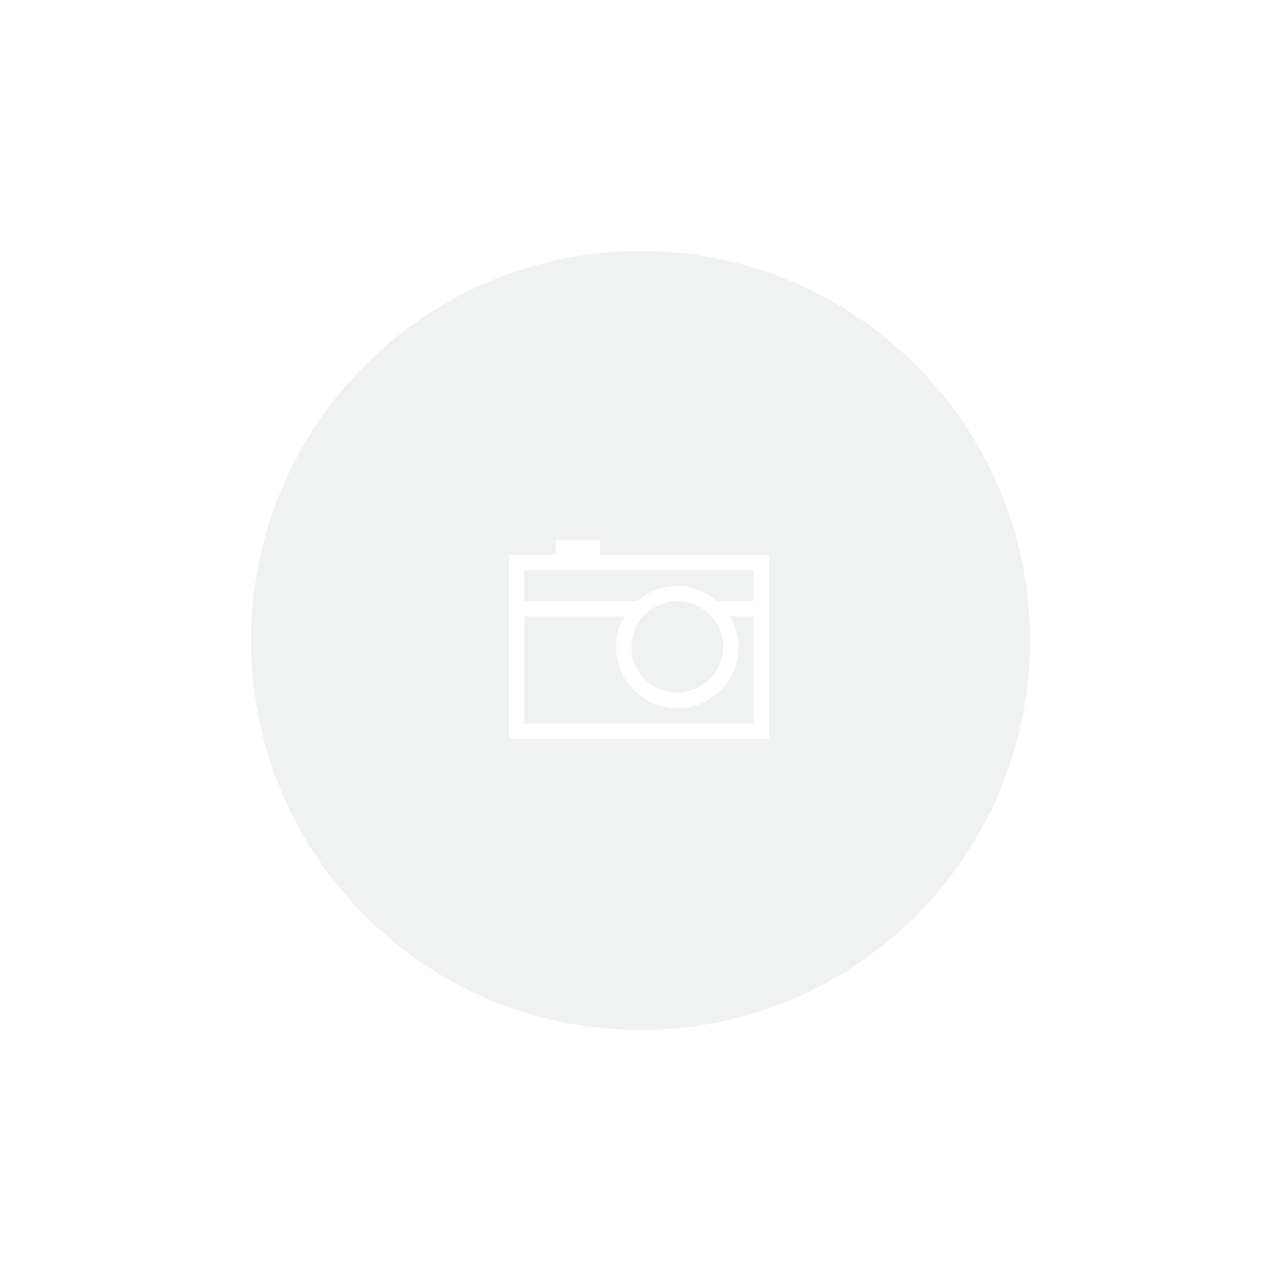 Quinta do Montalto Vinha da Malhada 2017